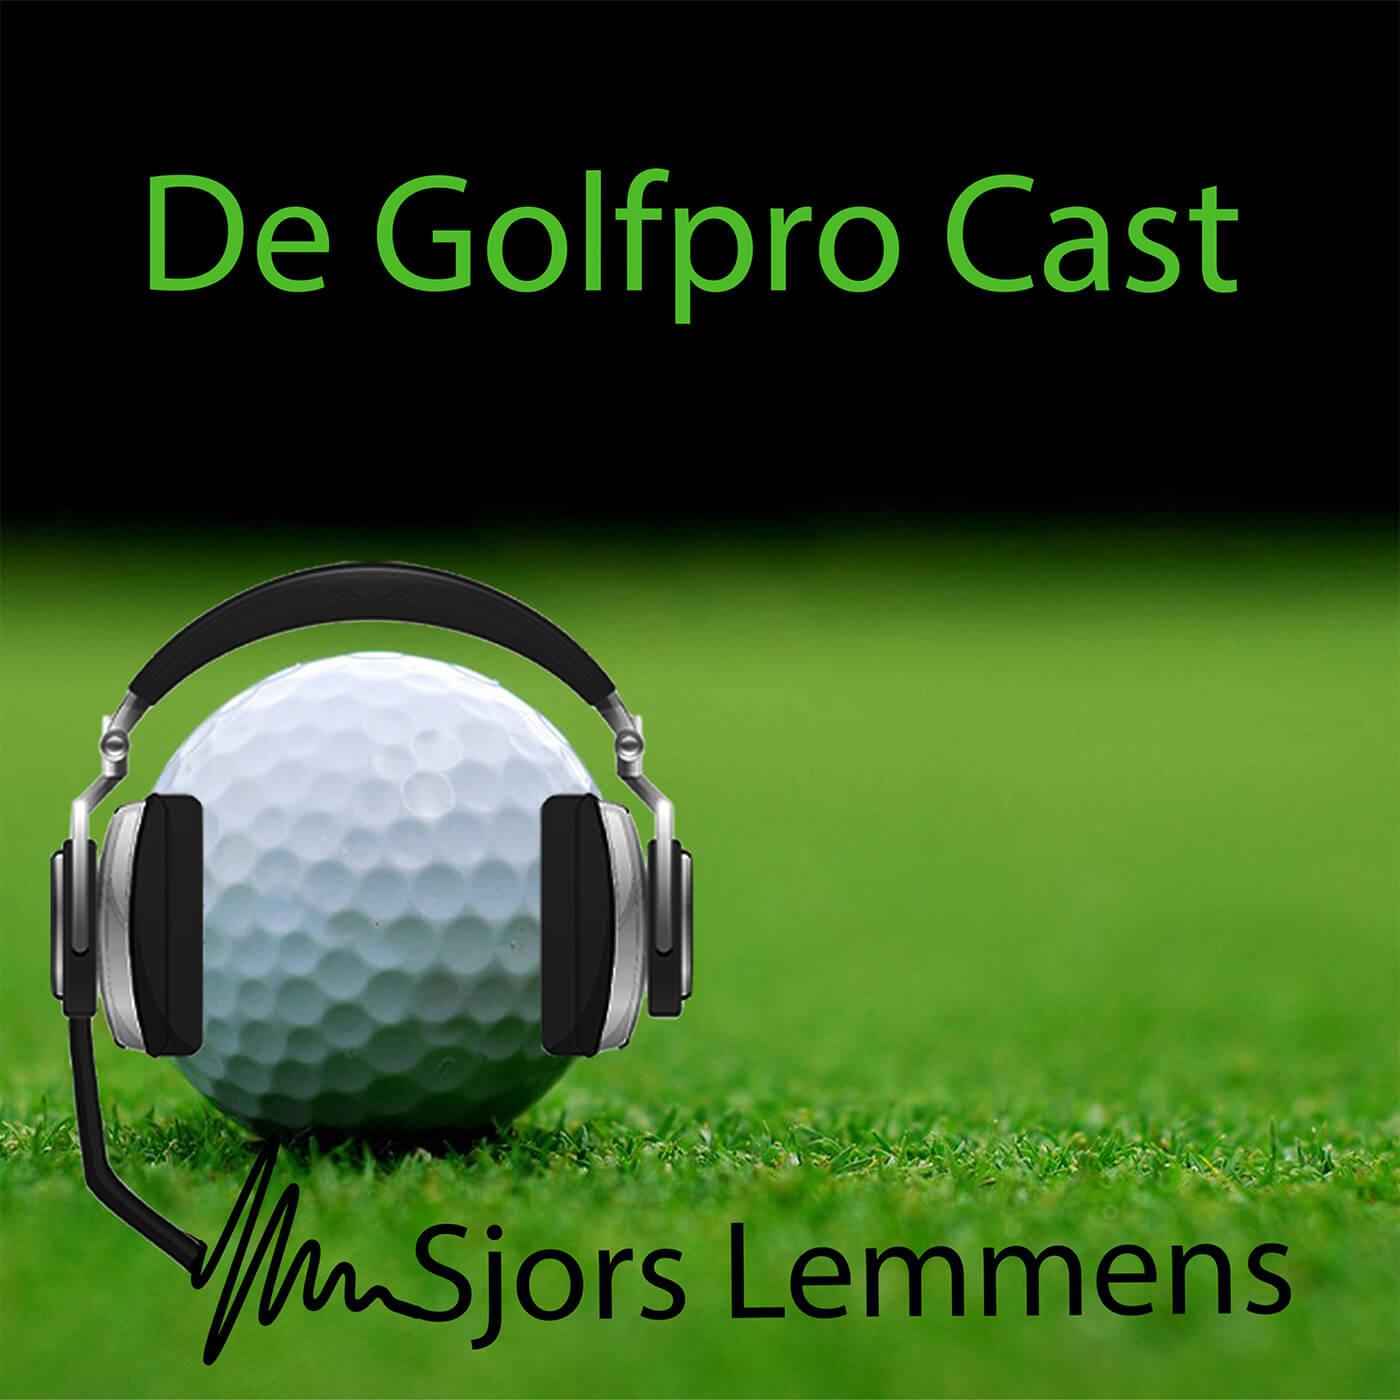 De Golf pro Cast